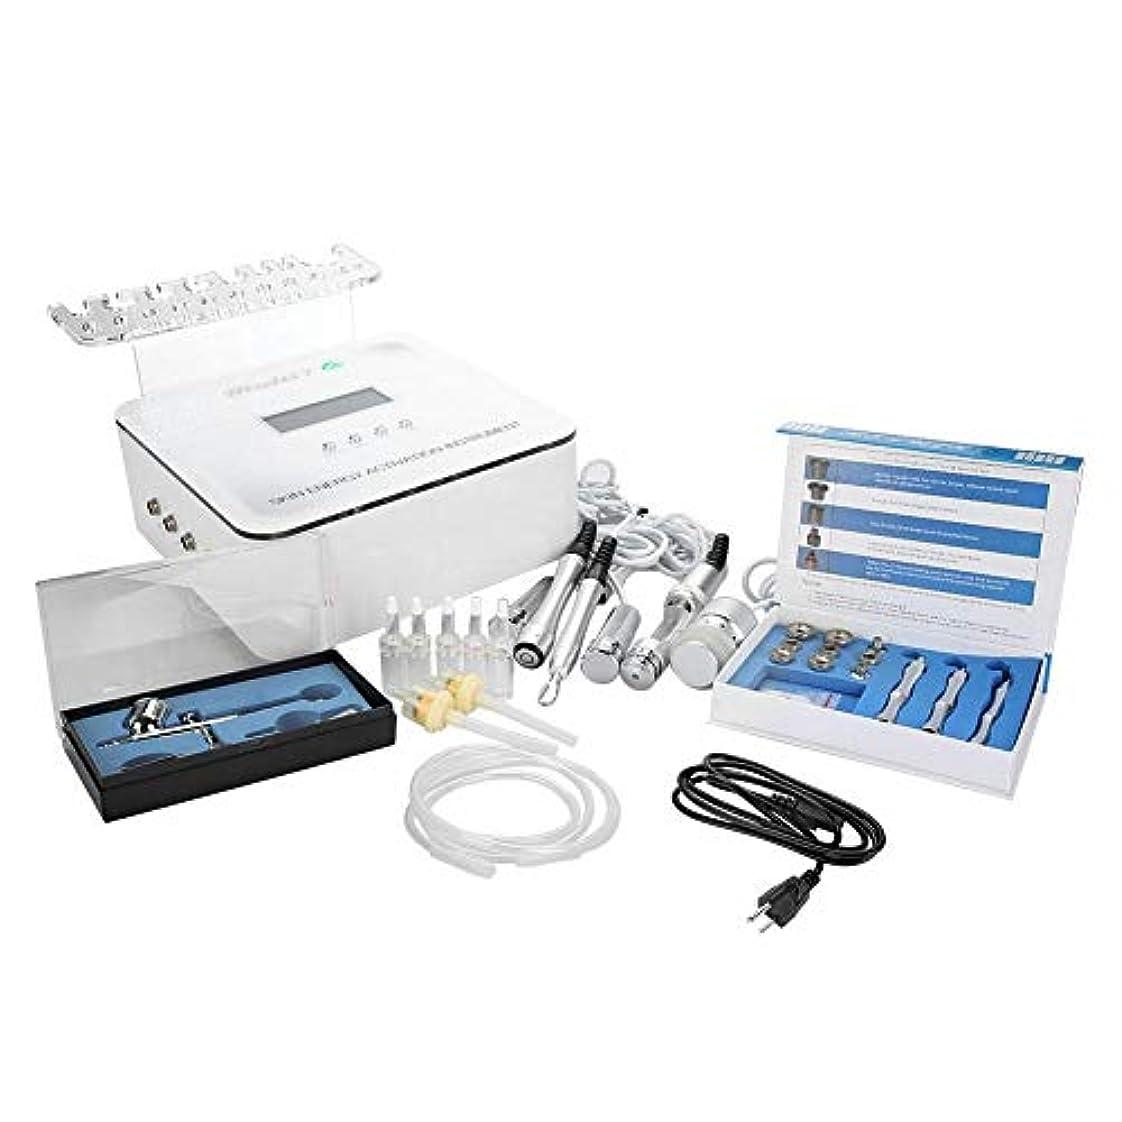 ジャグリング分析的なスリンクスキンケア美容機、肌の若返りのためのRFマイクロ電気パルス水素酸素ジェットスプレー、フェイスリフティング(米国のプラグ)